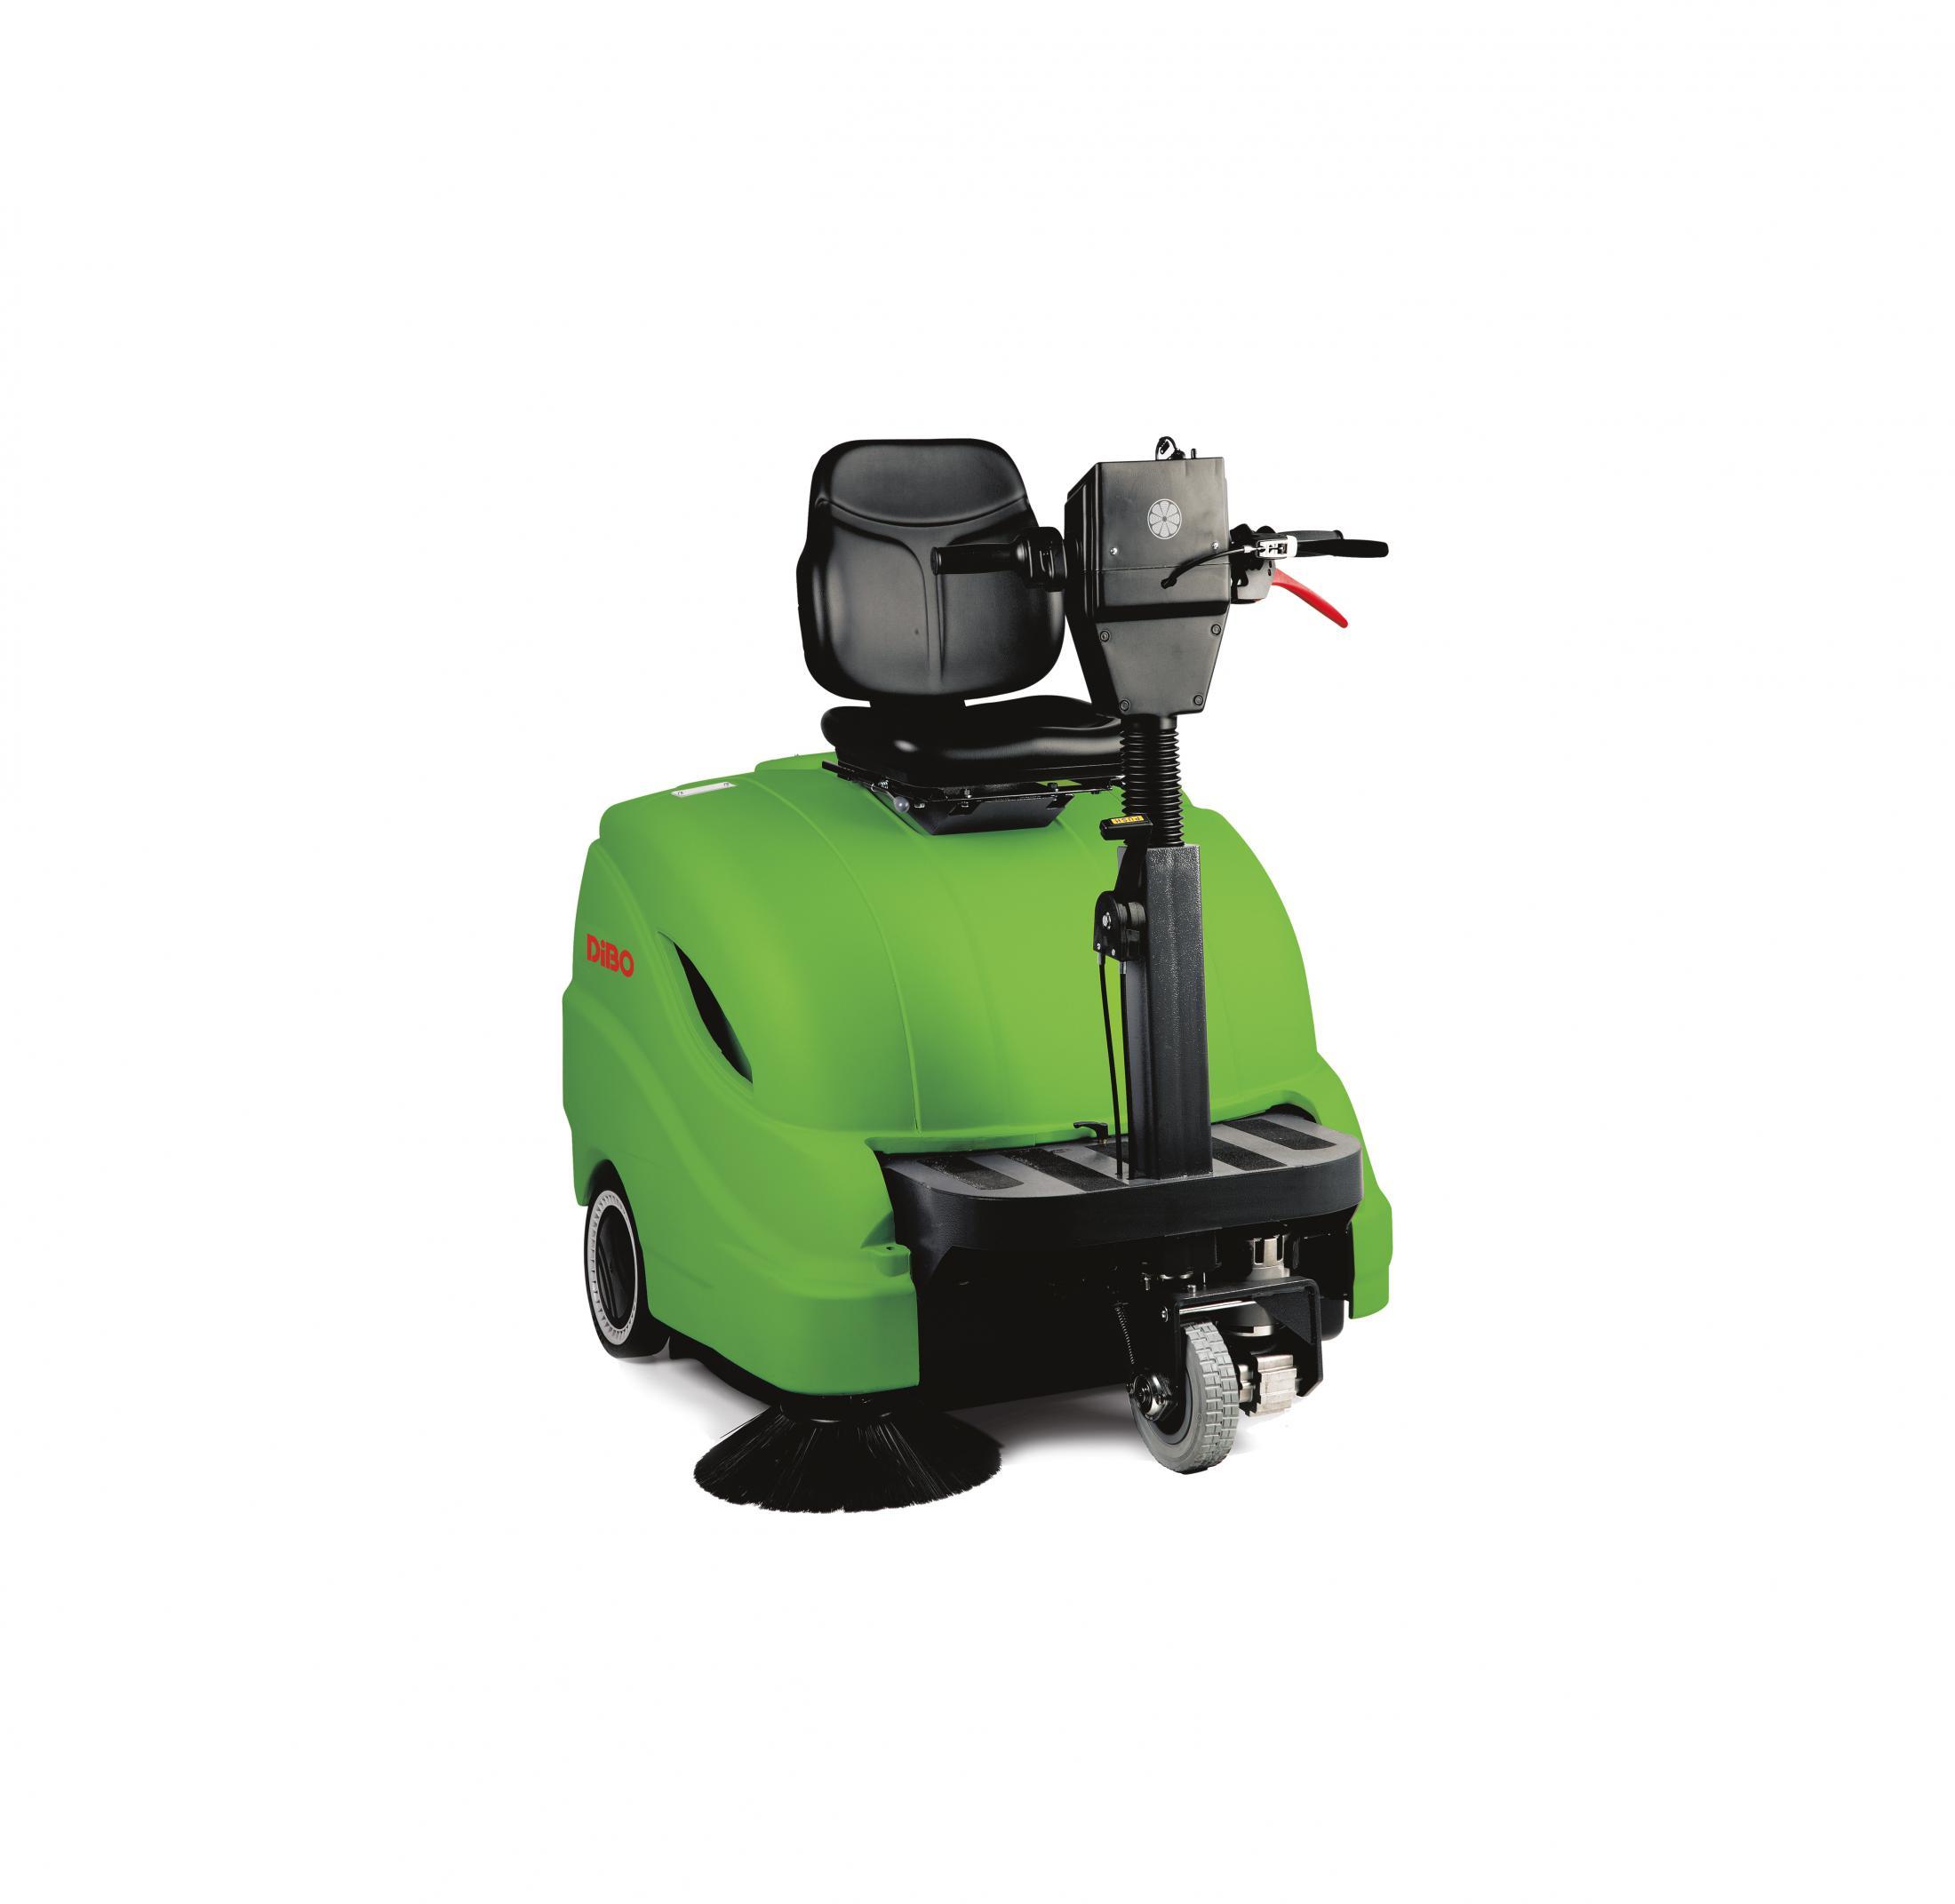 dibo-veegmachines-712-ride-on-model